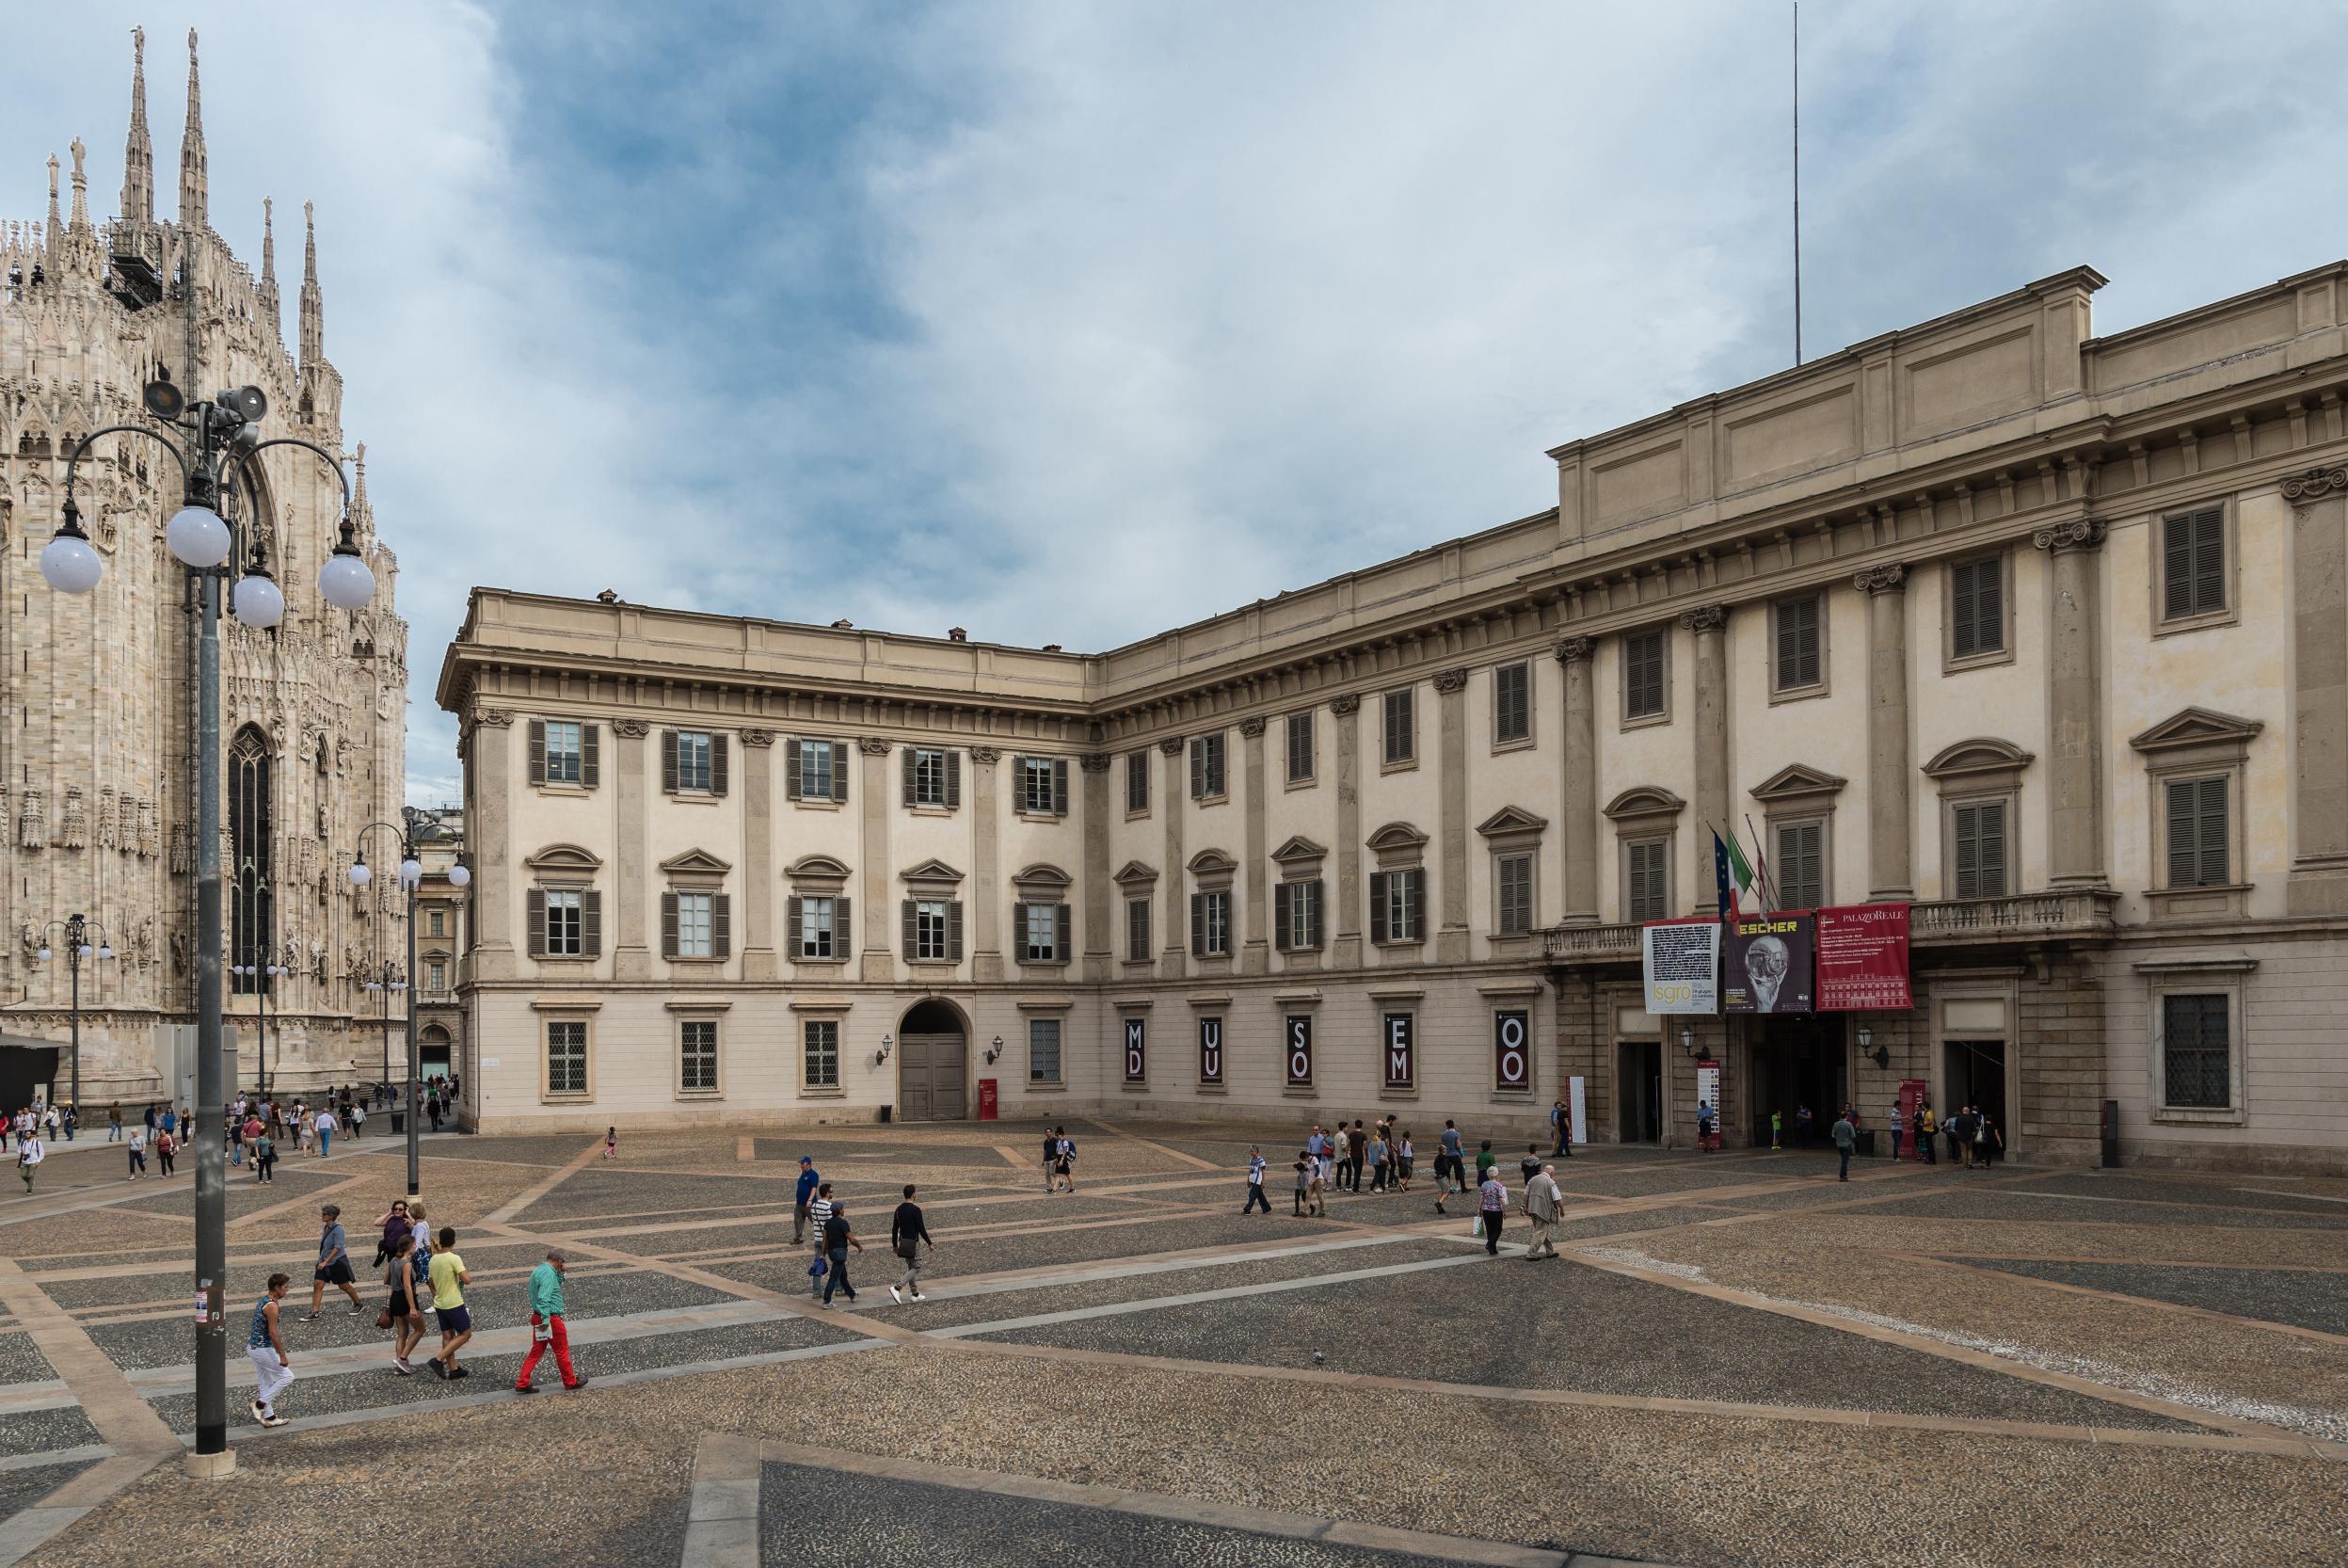 Fotografie scattate durante il Premio Etico | Ethical 2017, 2° edizione  e Rassegne Stampa – Palazzo Reale, Milano